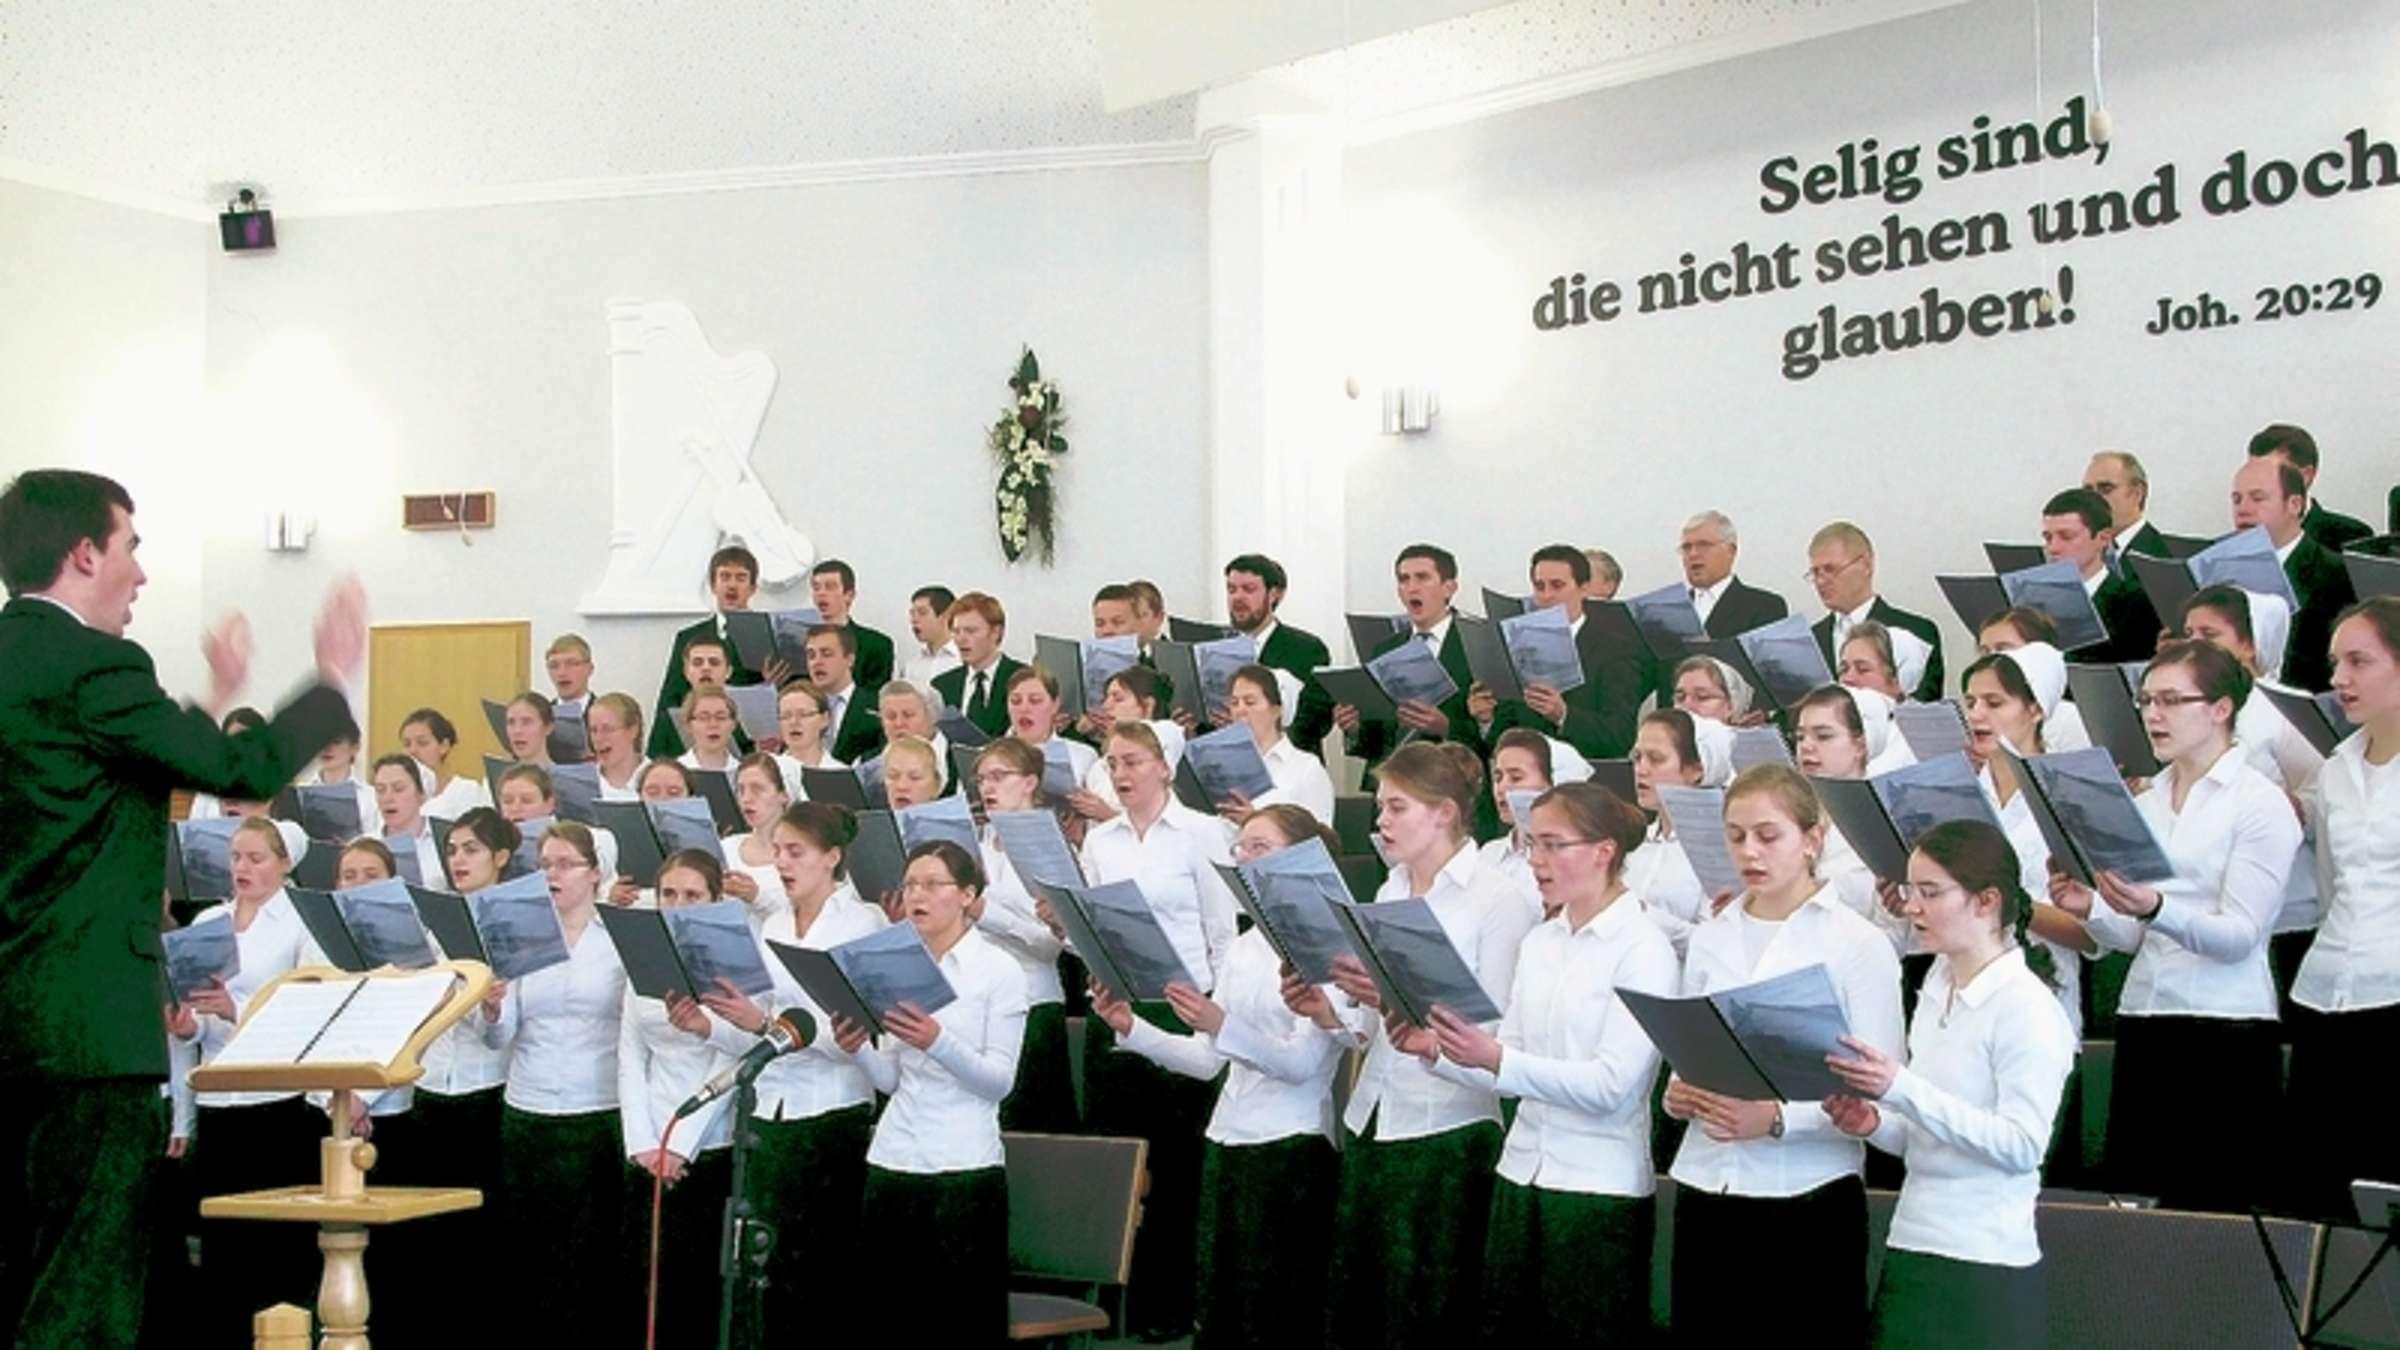 Evangeliums christen baptisten gemeinde